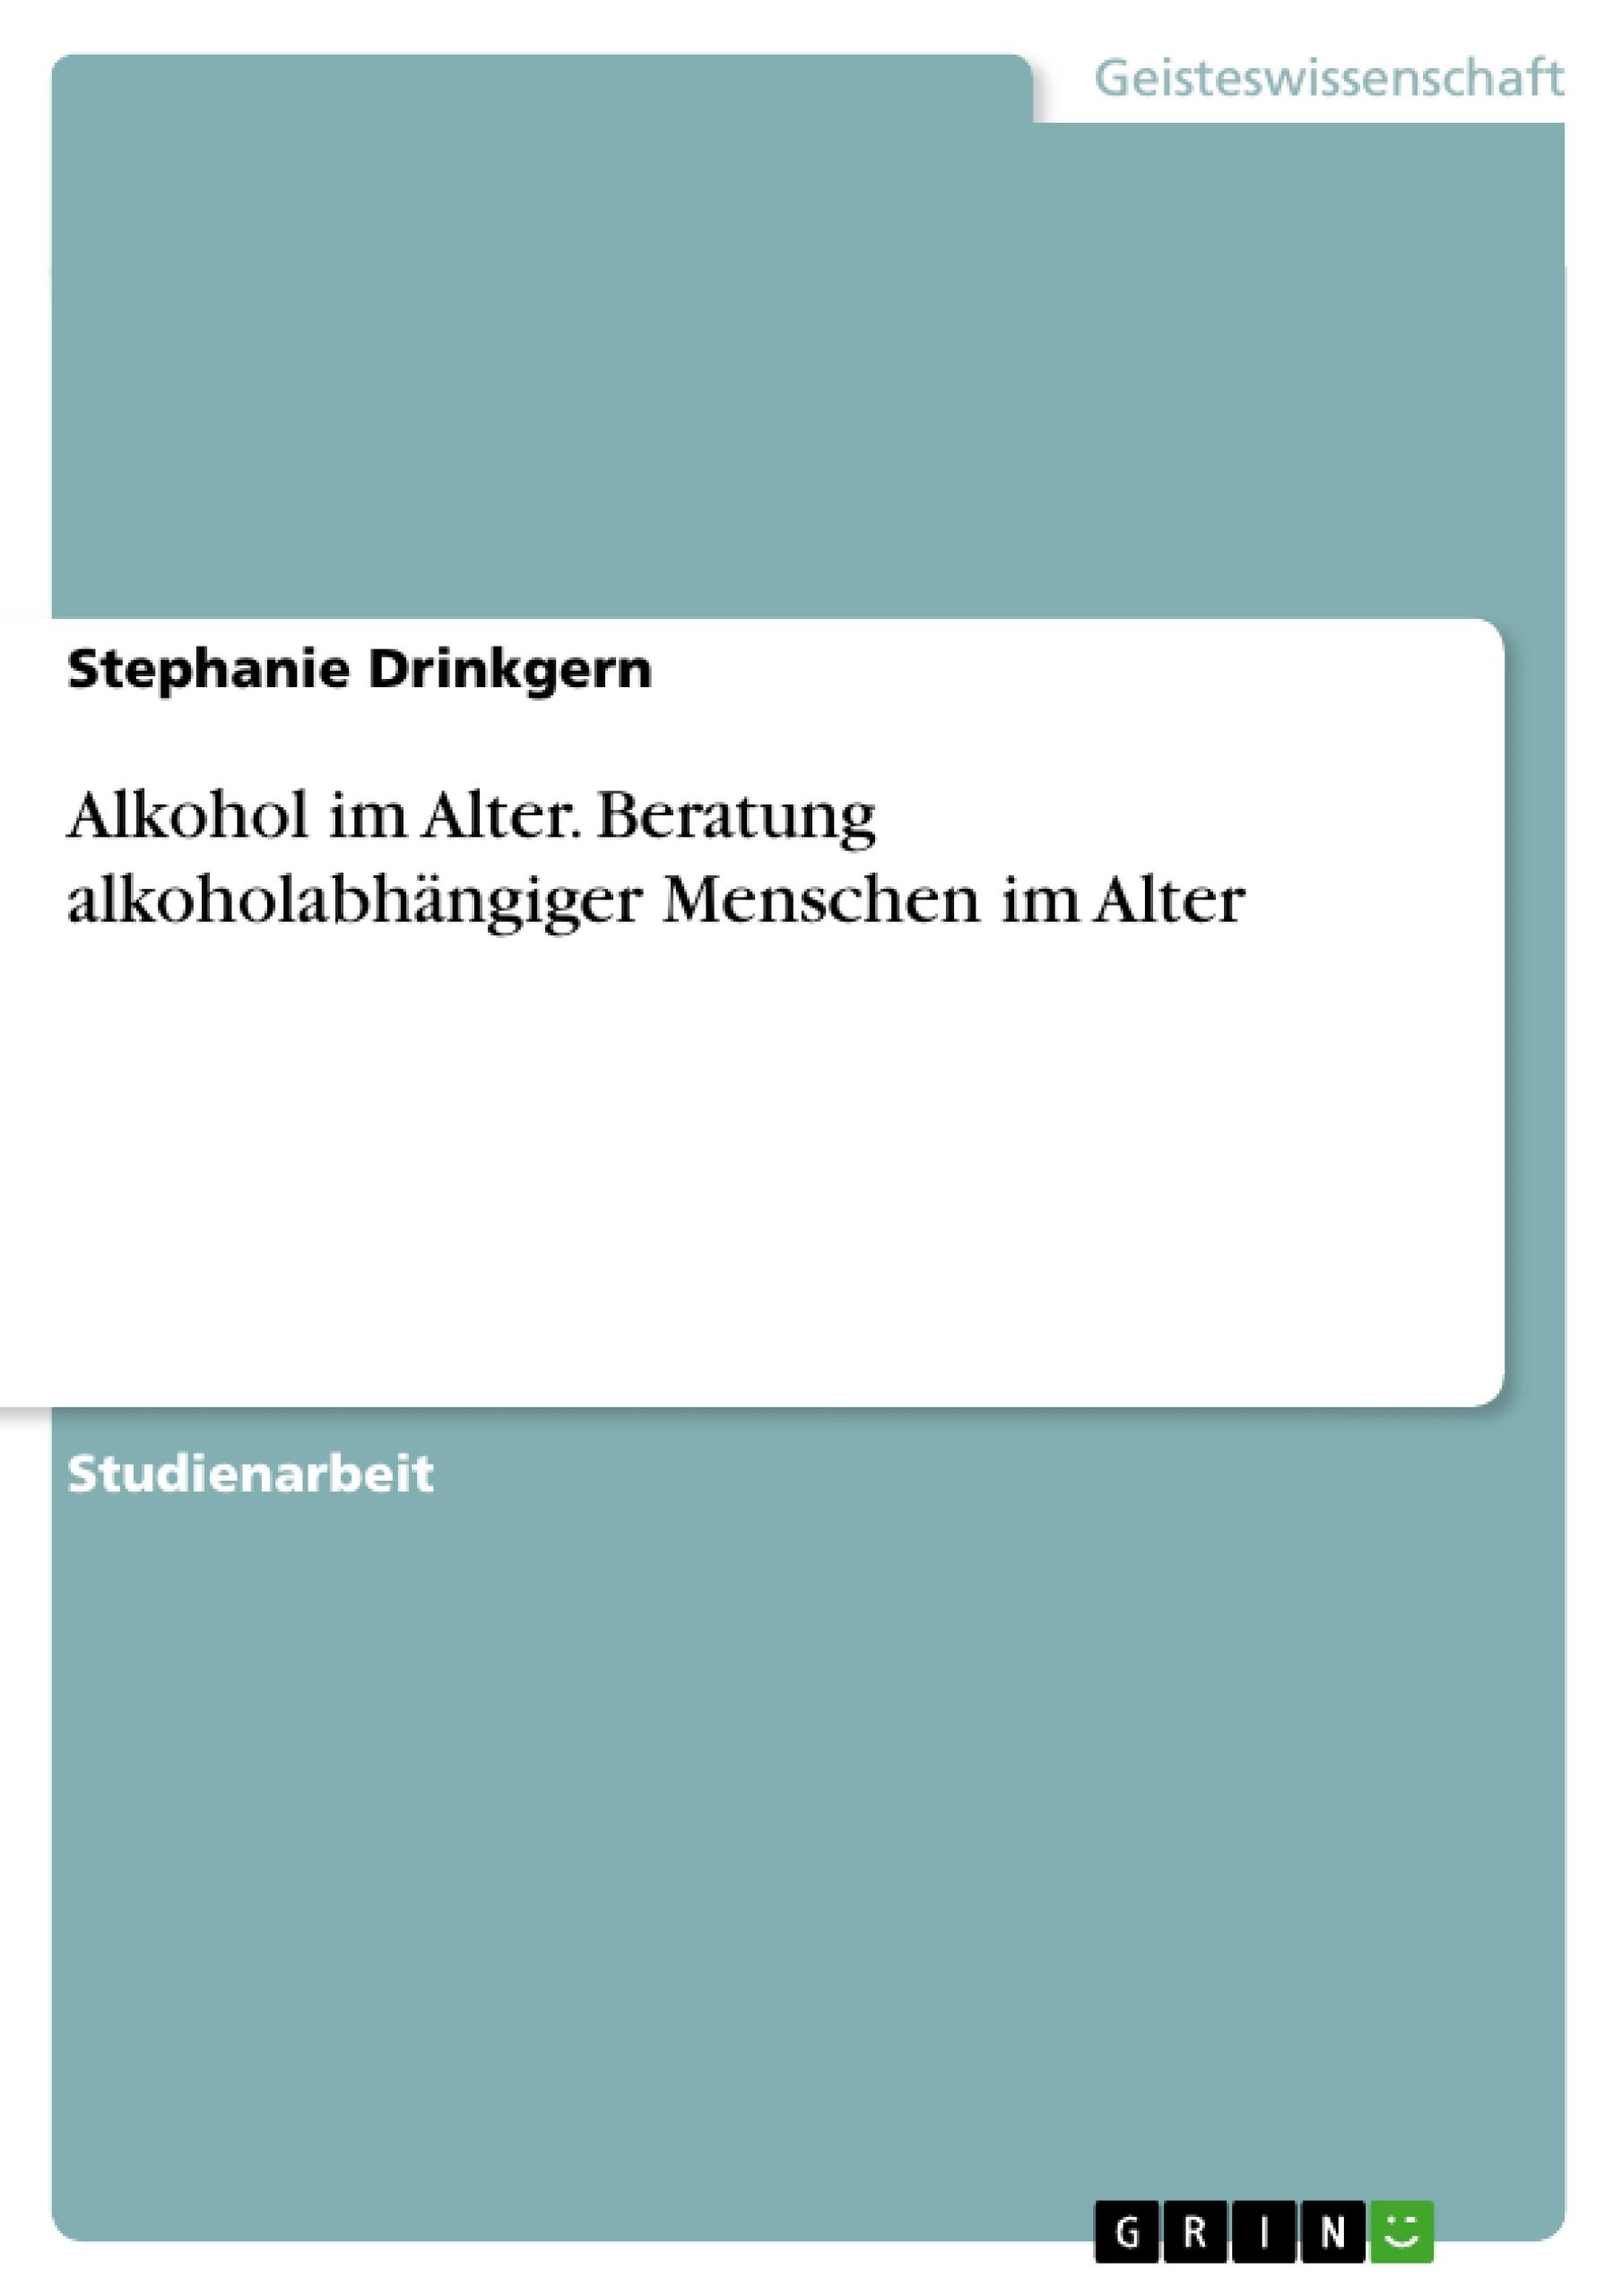 Titel: Alkohol im Alter. Beratung alkoholabhängiger Menschen im Alter